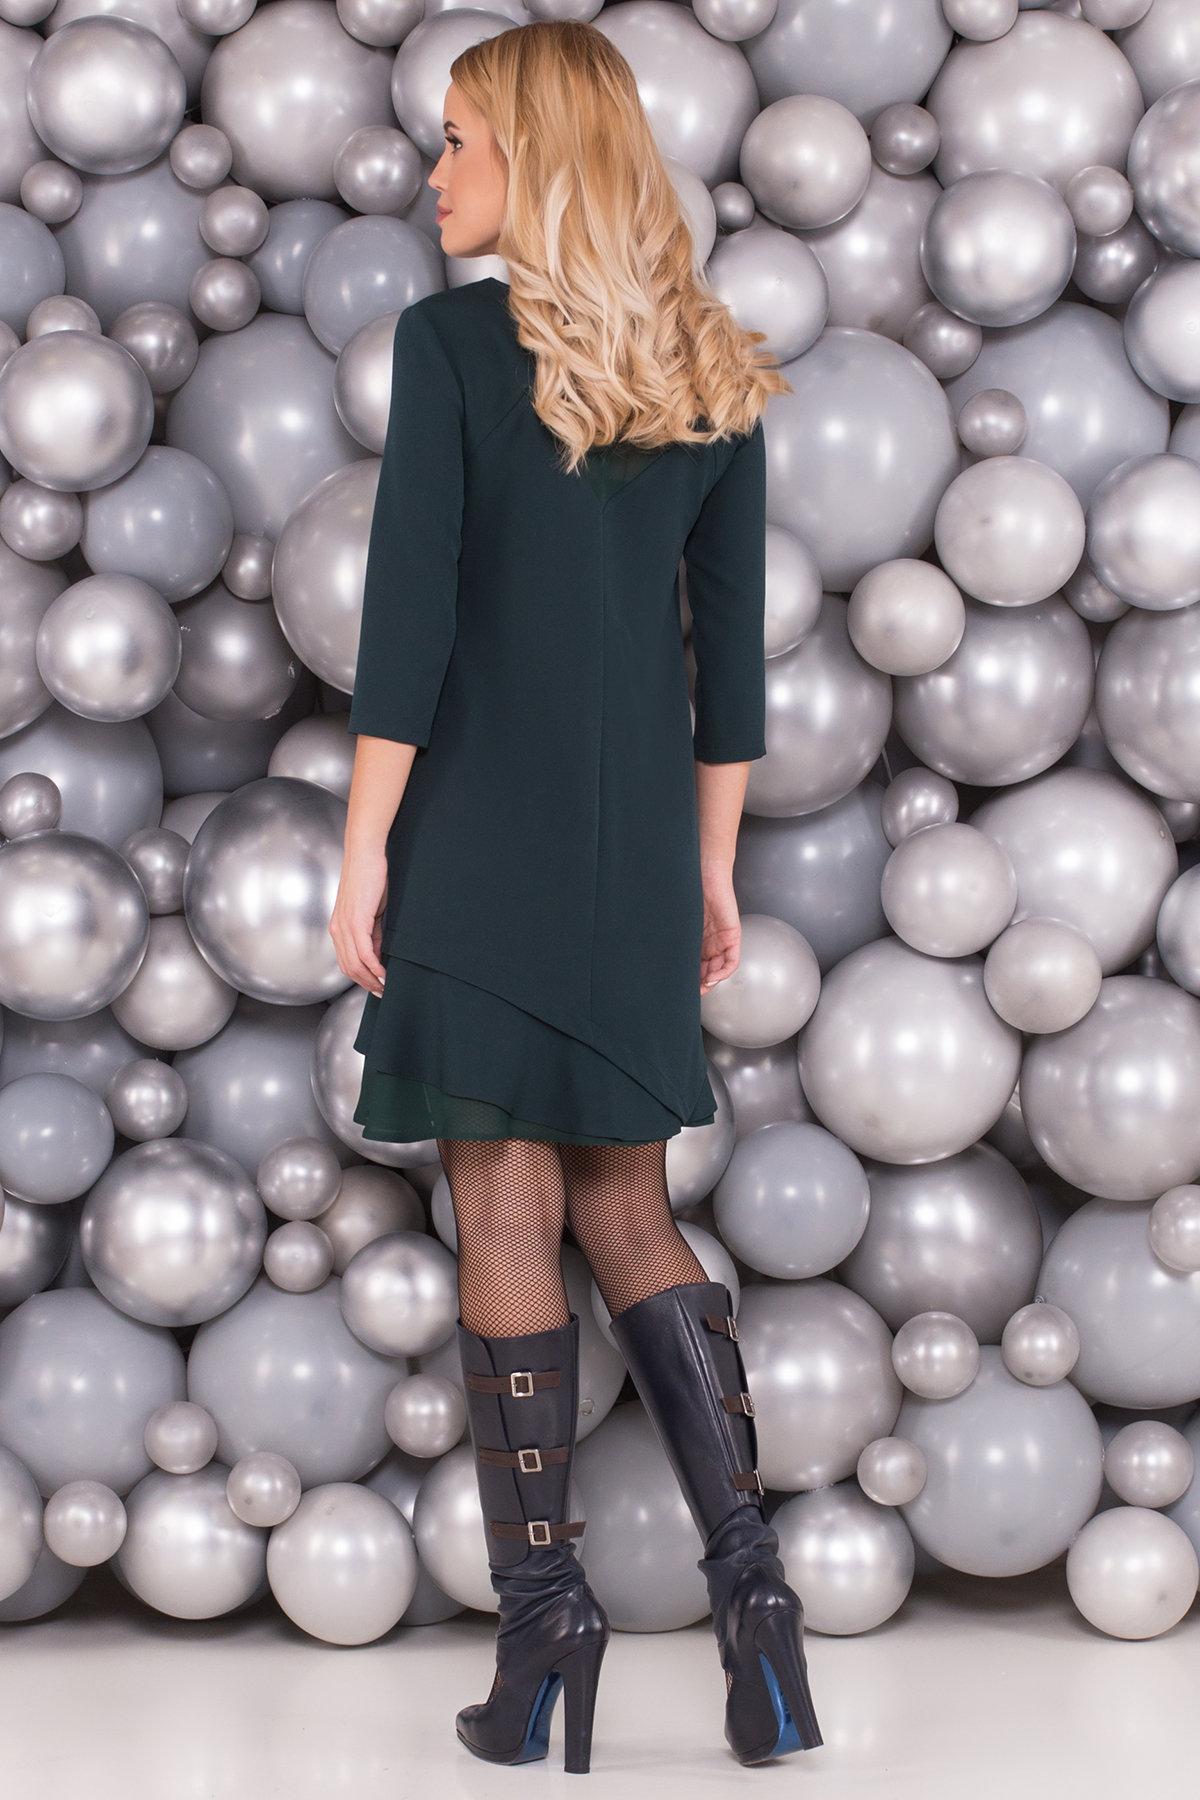 Платье Холли 5952 АРТ. 40638 Цвет: Т.зеленый - фото 2, интернет магазин tm-modus.ru